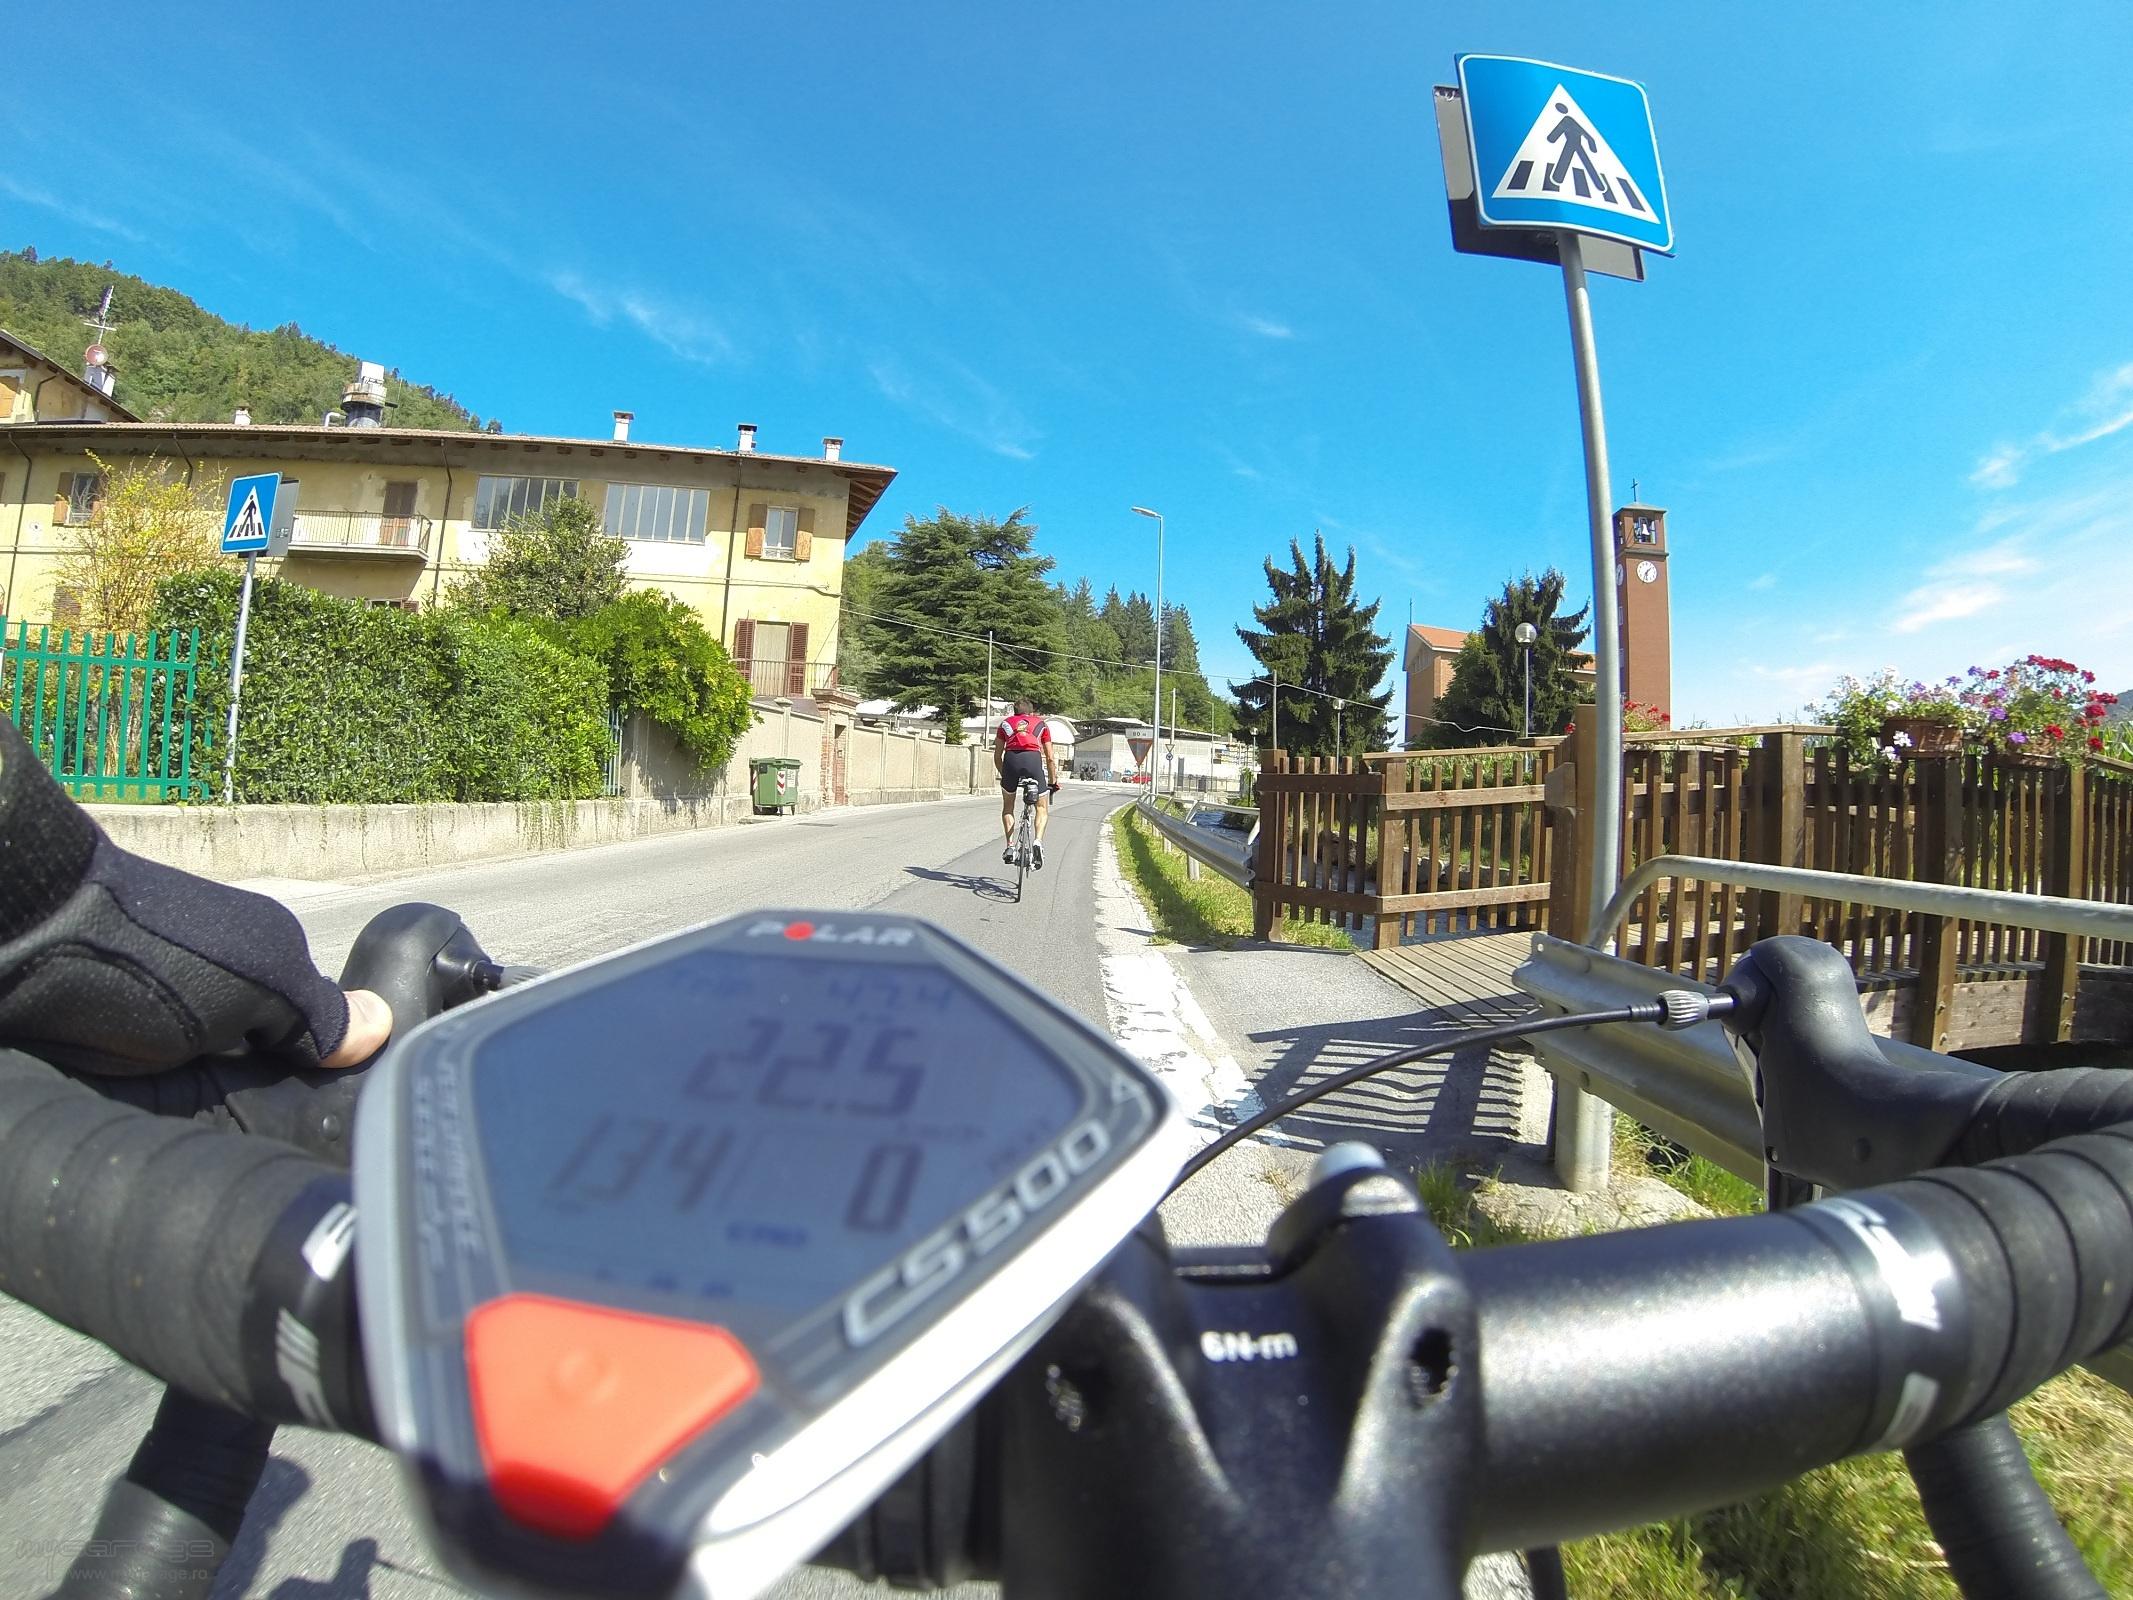 254330d1380731404-biciclete-pareri-sfatu